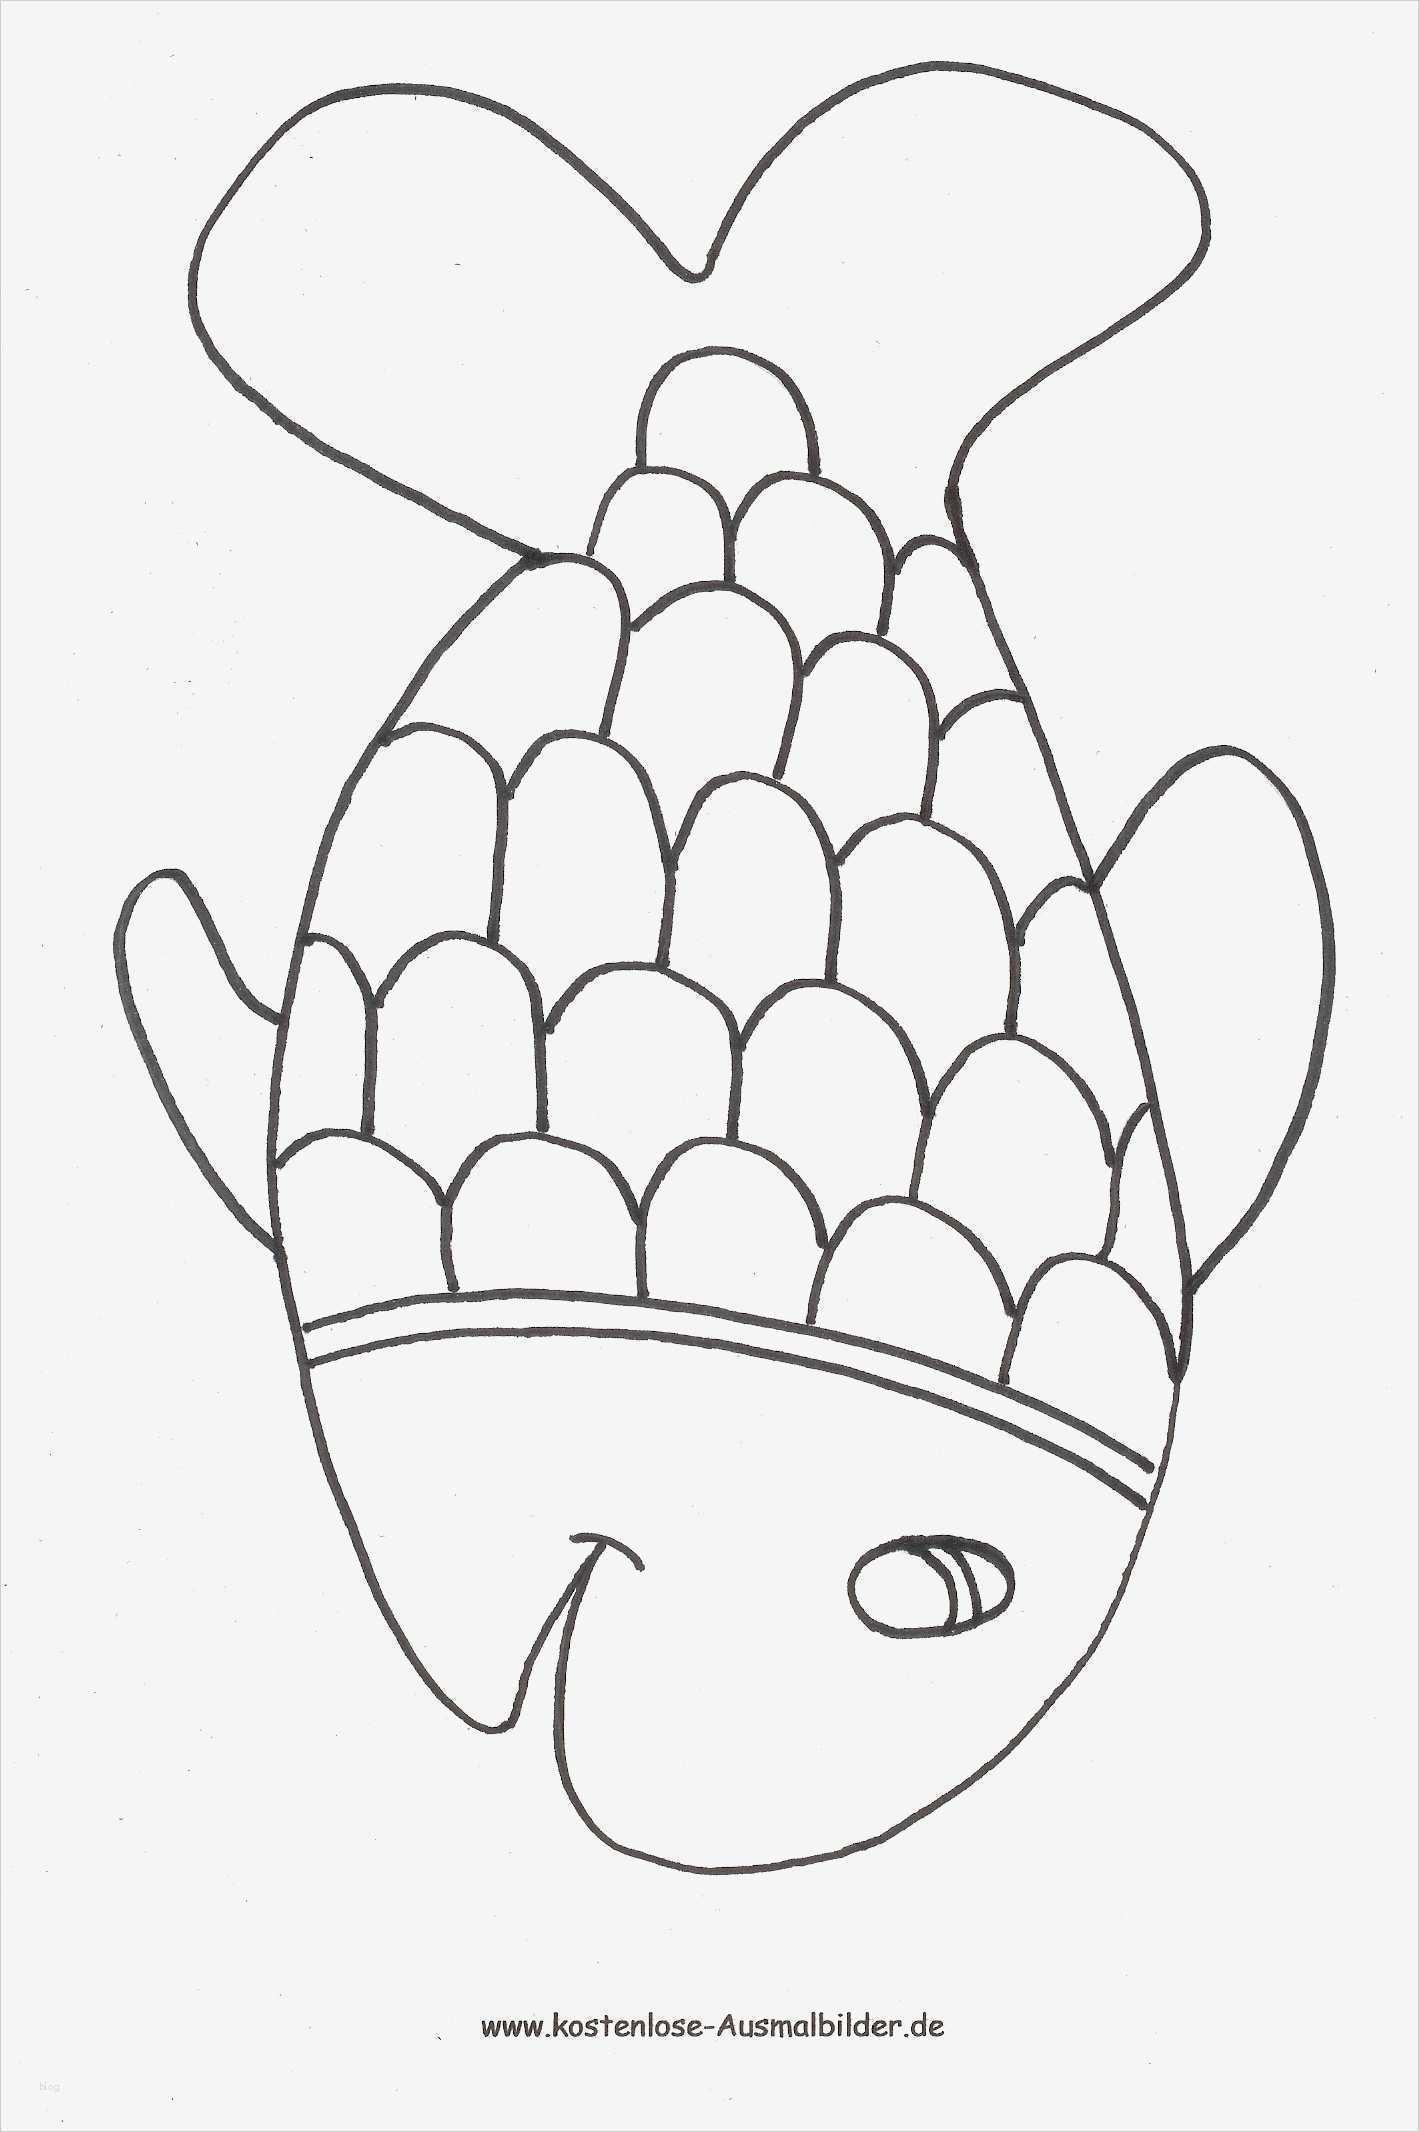 fische zeichnen vorlagen luxus ausmalbilder für kinder